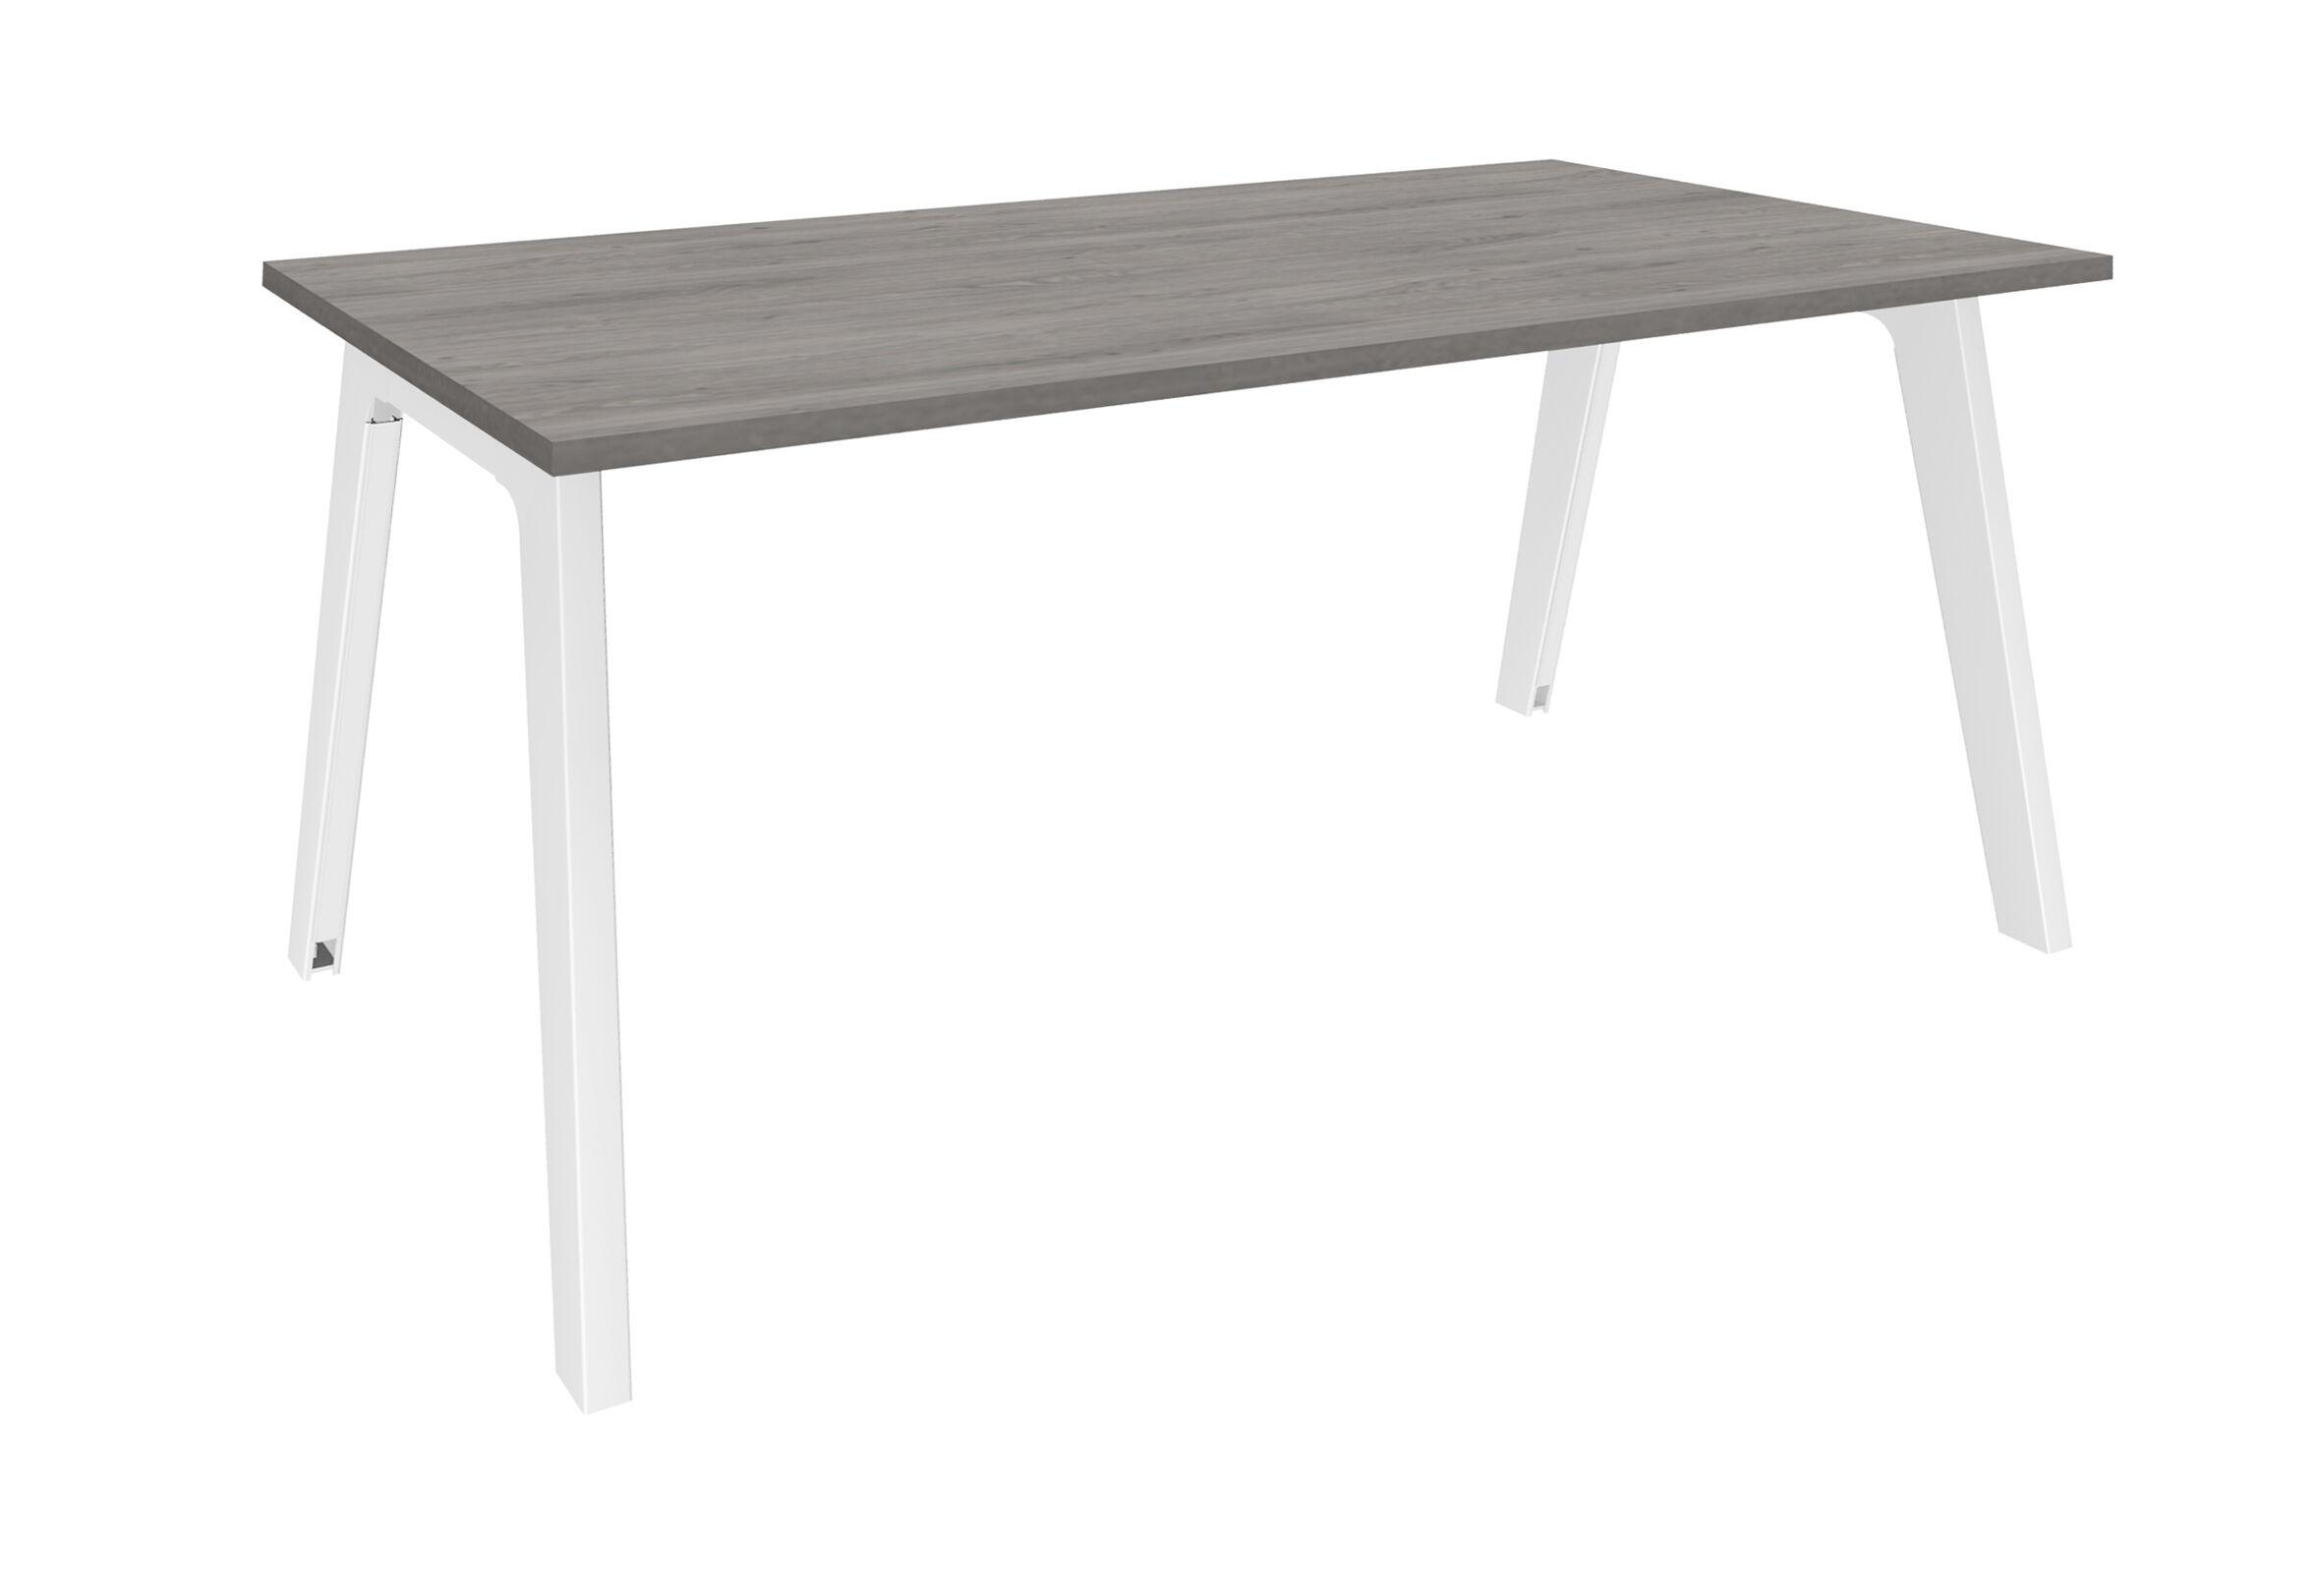 Bureau simple STEELY - L160 cm - Plan de départ - Pieds blanc - plateau imitation Chêne gris